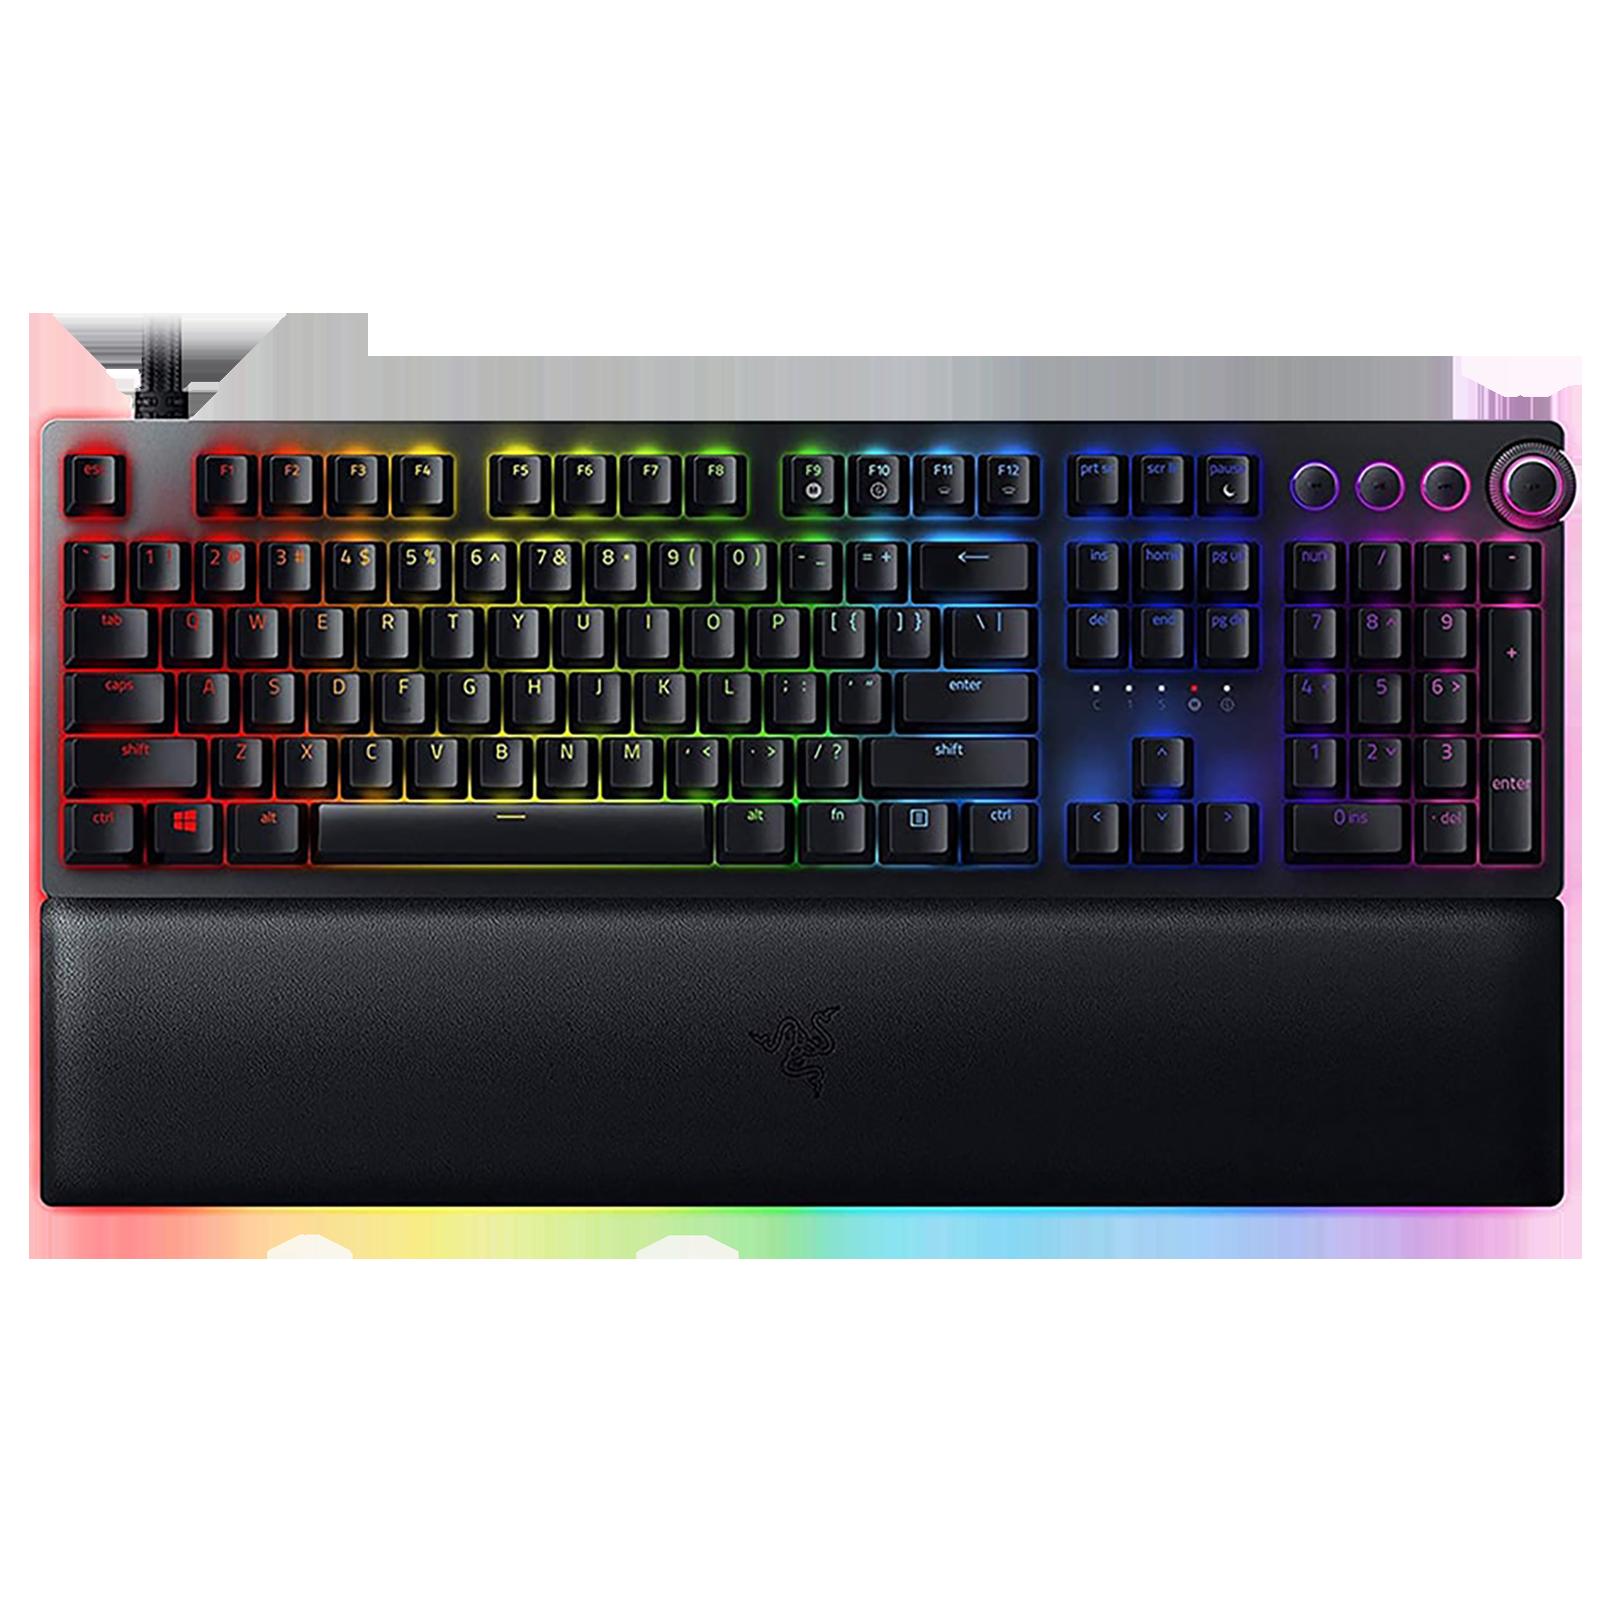 Razer Huntsman V2 Wired Gaming Keyboard (Doubleshot PBT Keycaps, RZ03-03610100-R3M1, Black)_1